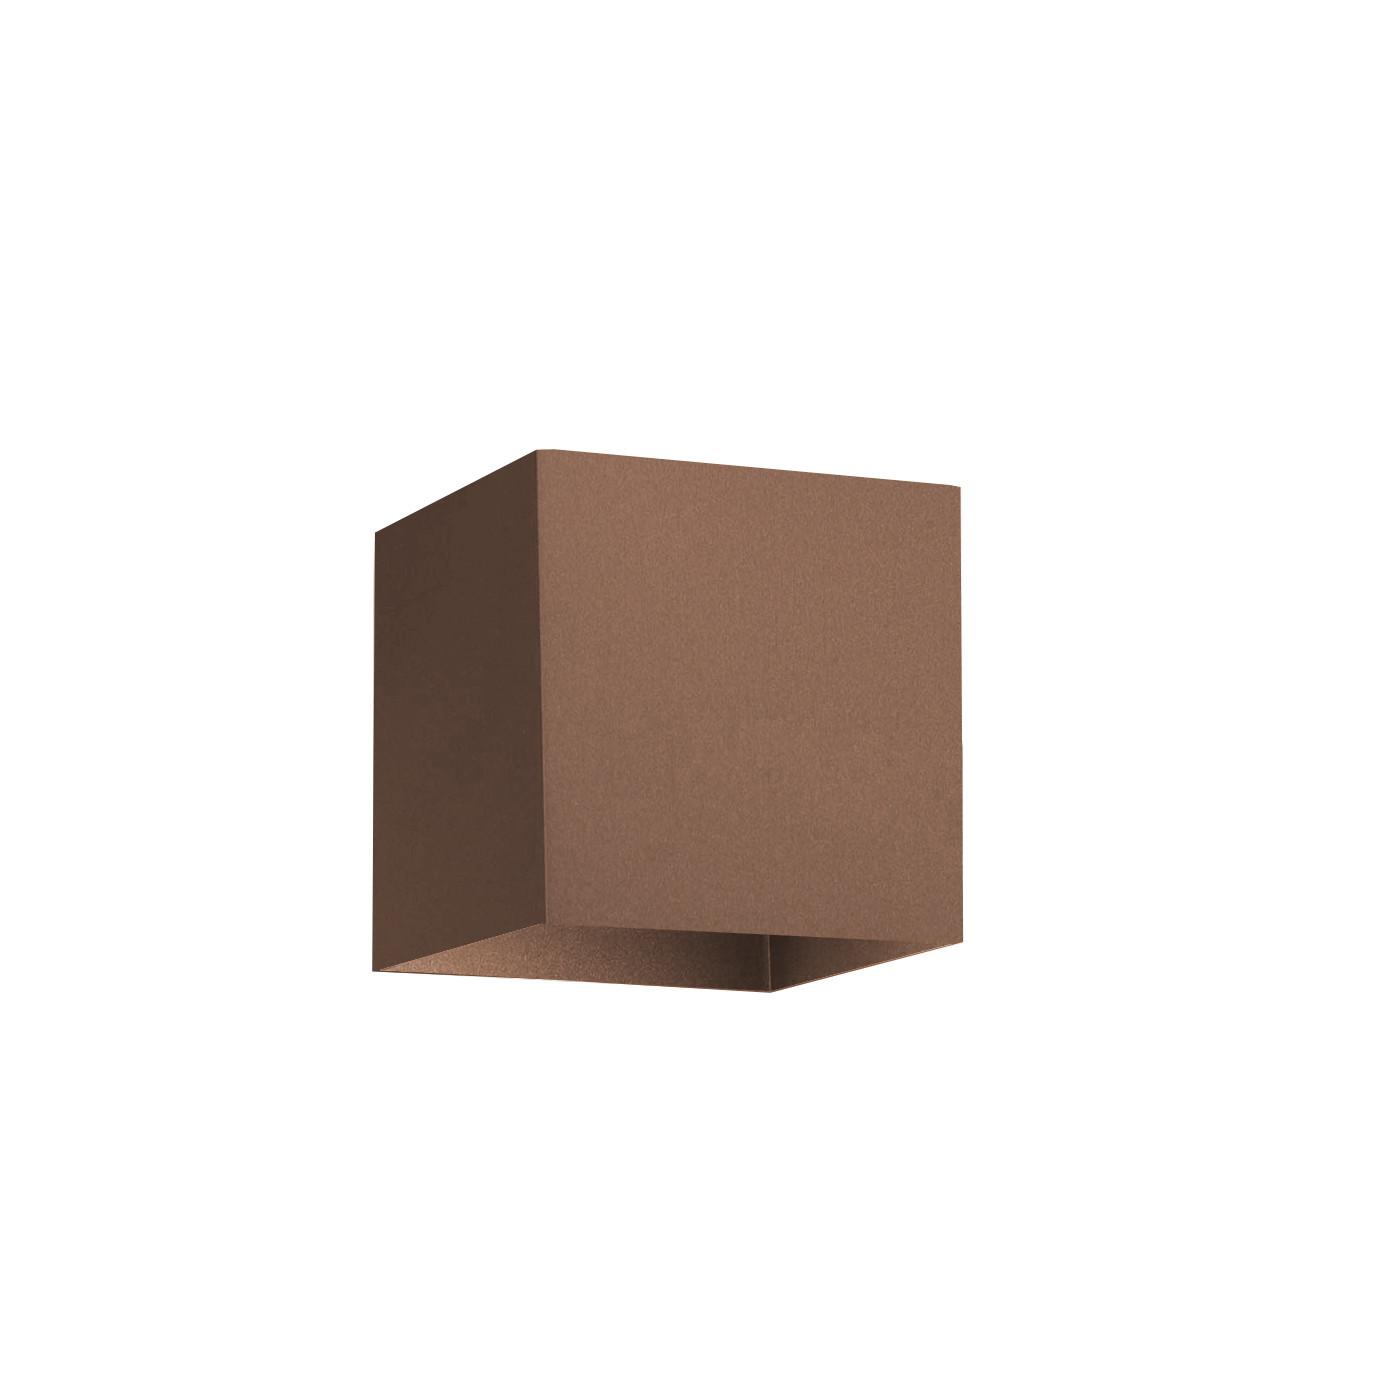 Wever & Ducré Box 1.0 Applique 2700K